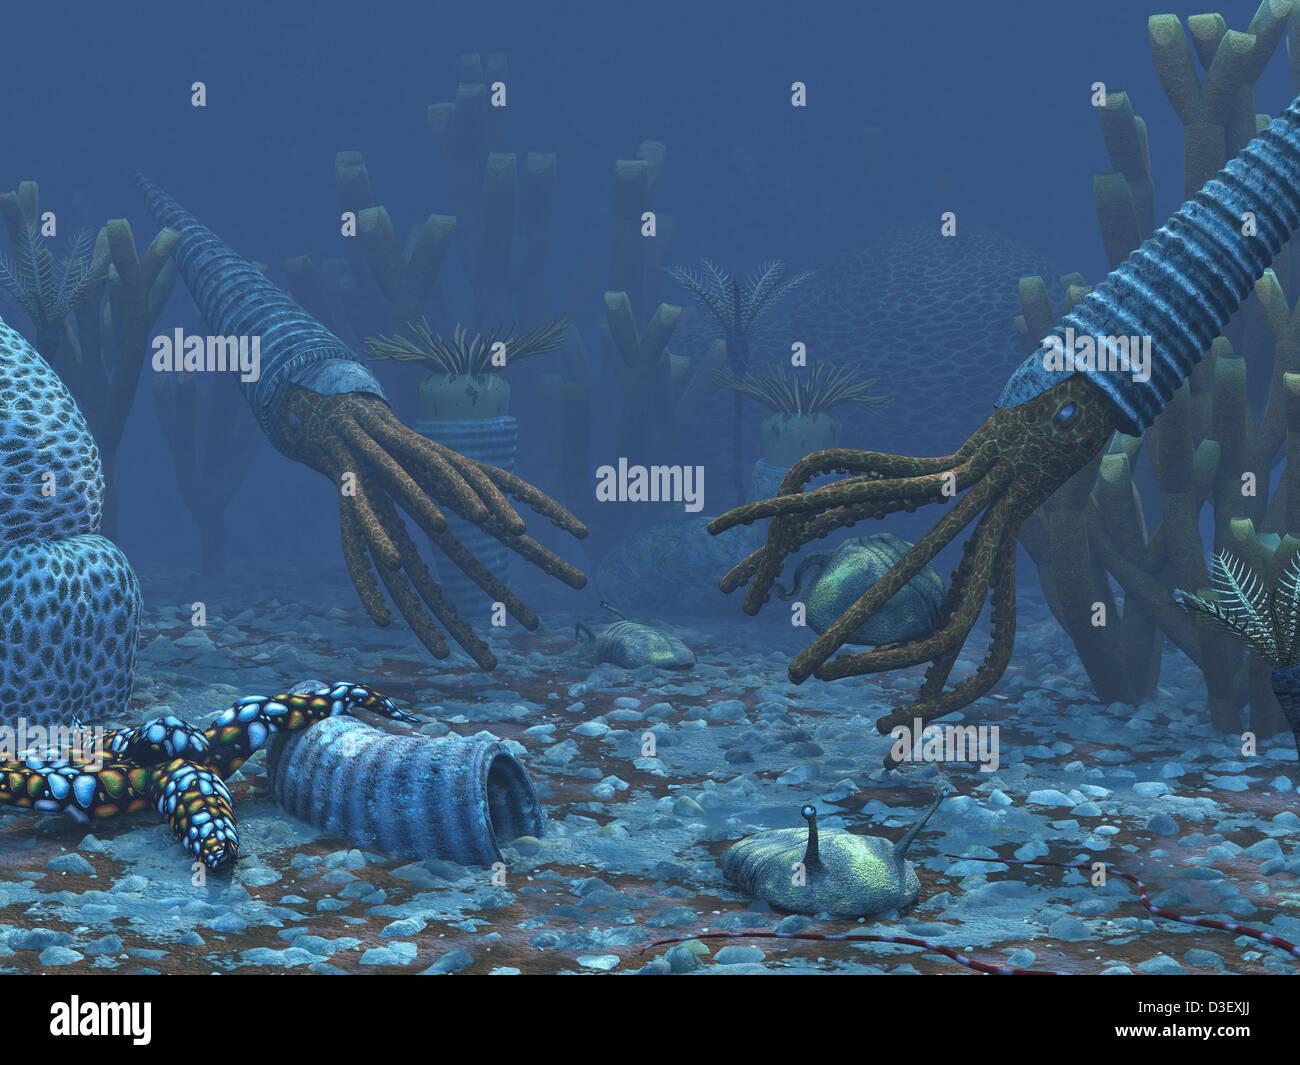 Tintenfisch-wie Orthoceratites versuchen, der Trilobiten zubereiten. Stockbild